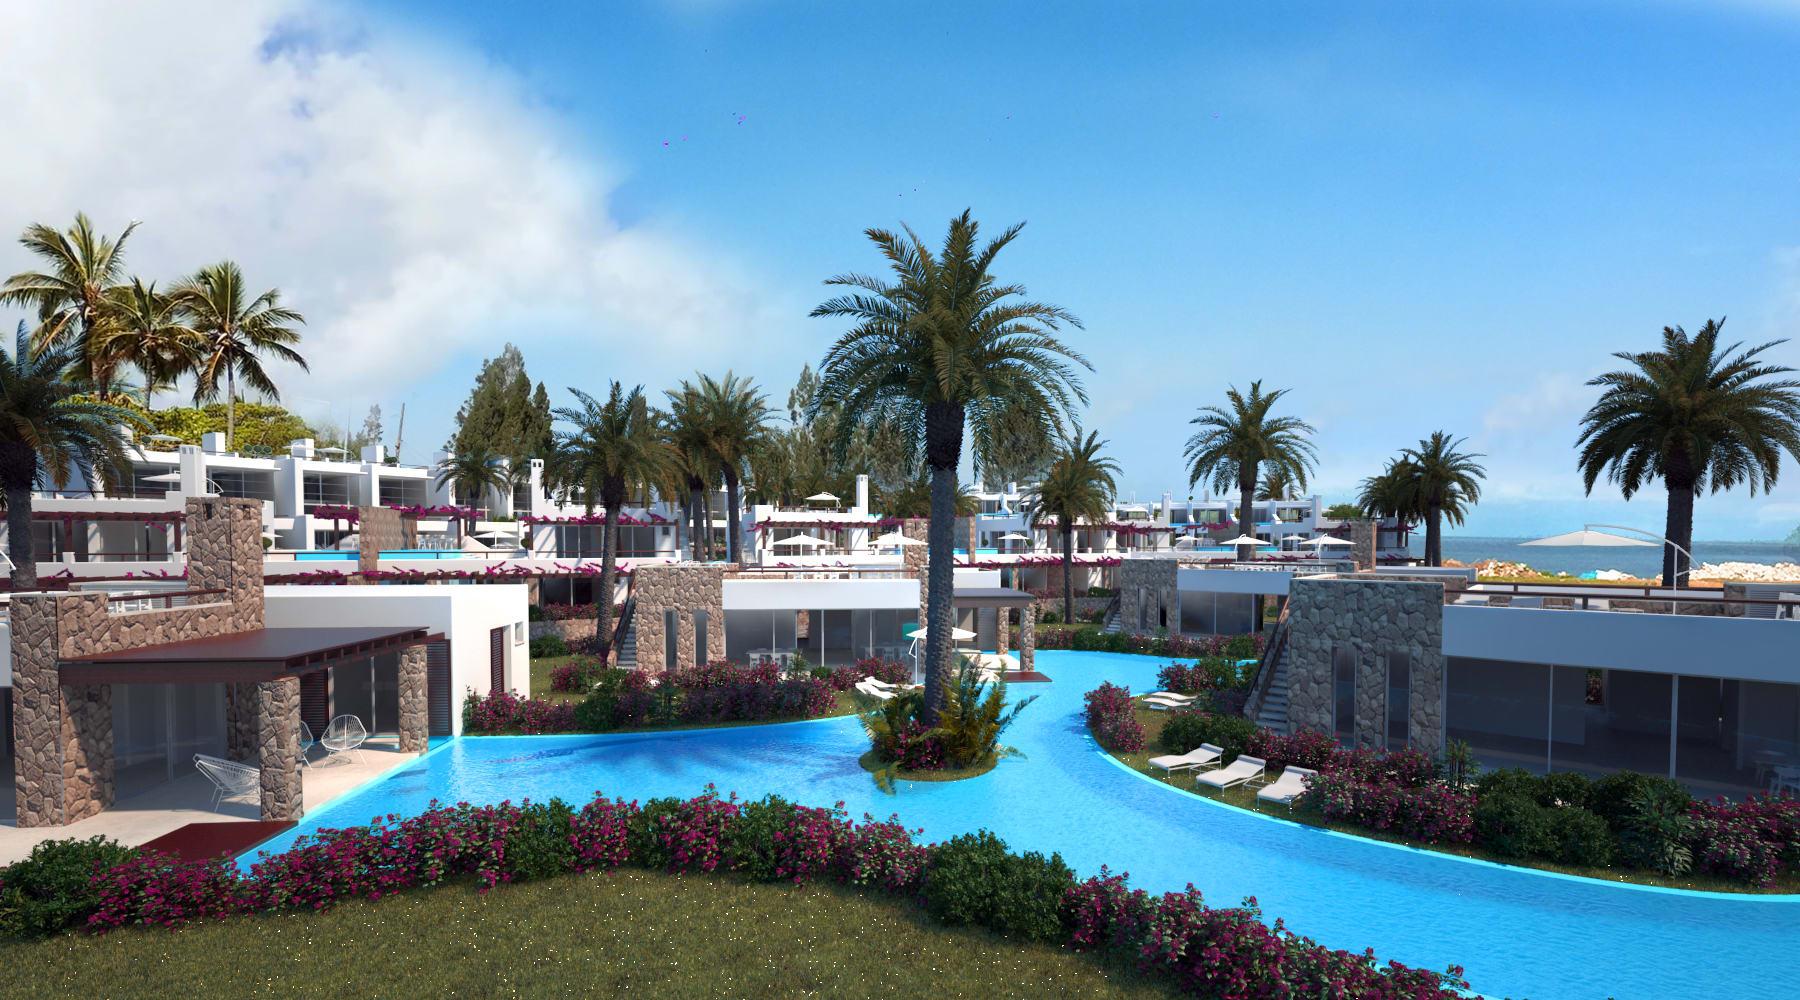 Esentepe'de Marina Üzerinde Satılık 3+1 ve Özel Havuzlu Villalar 8419